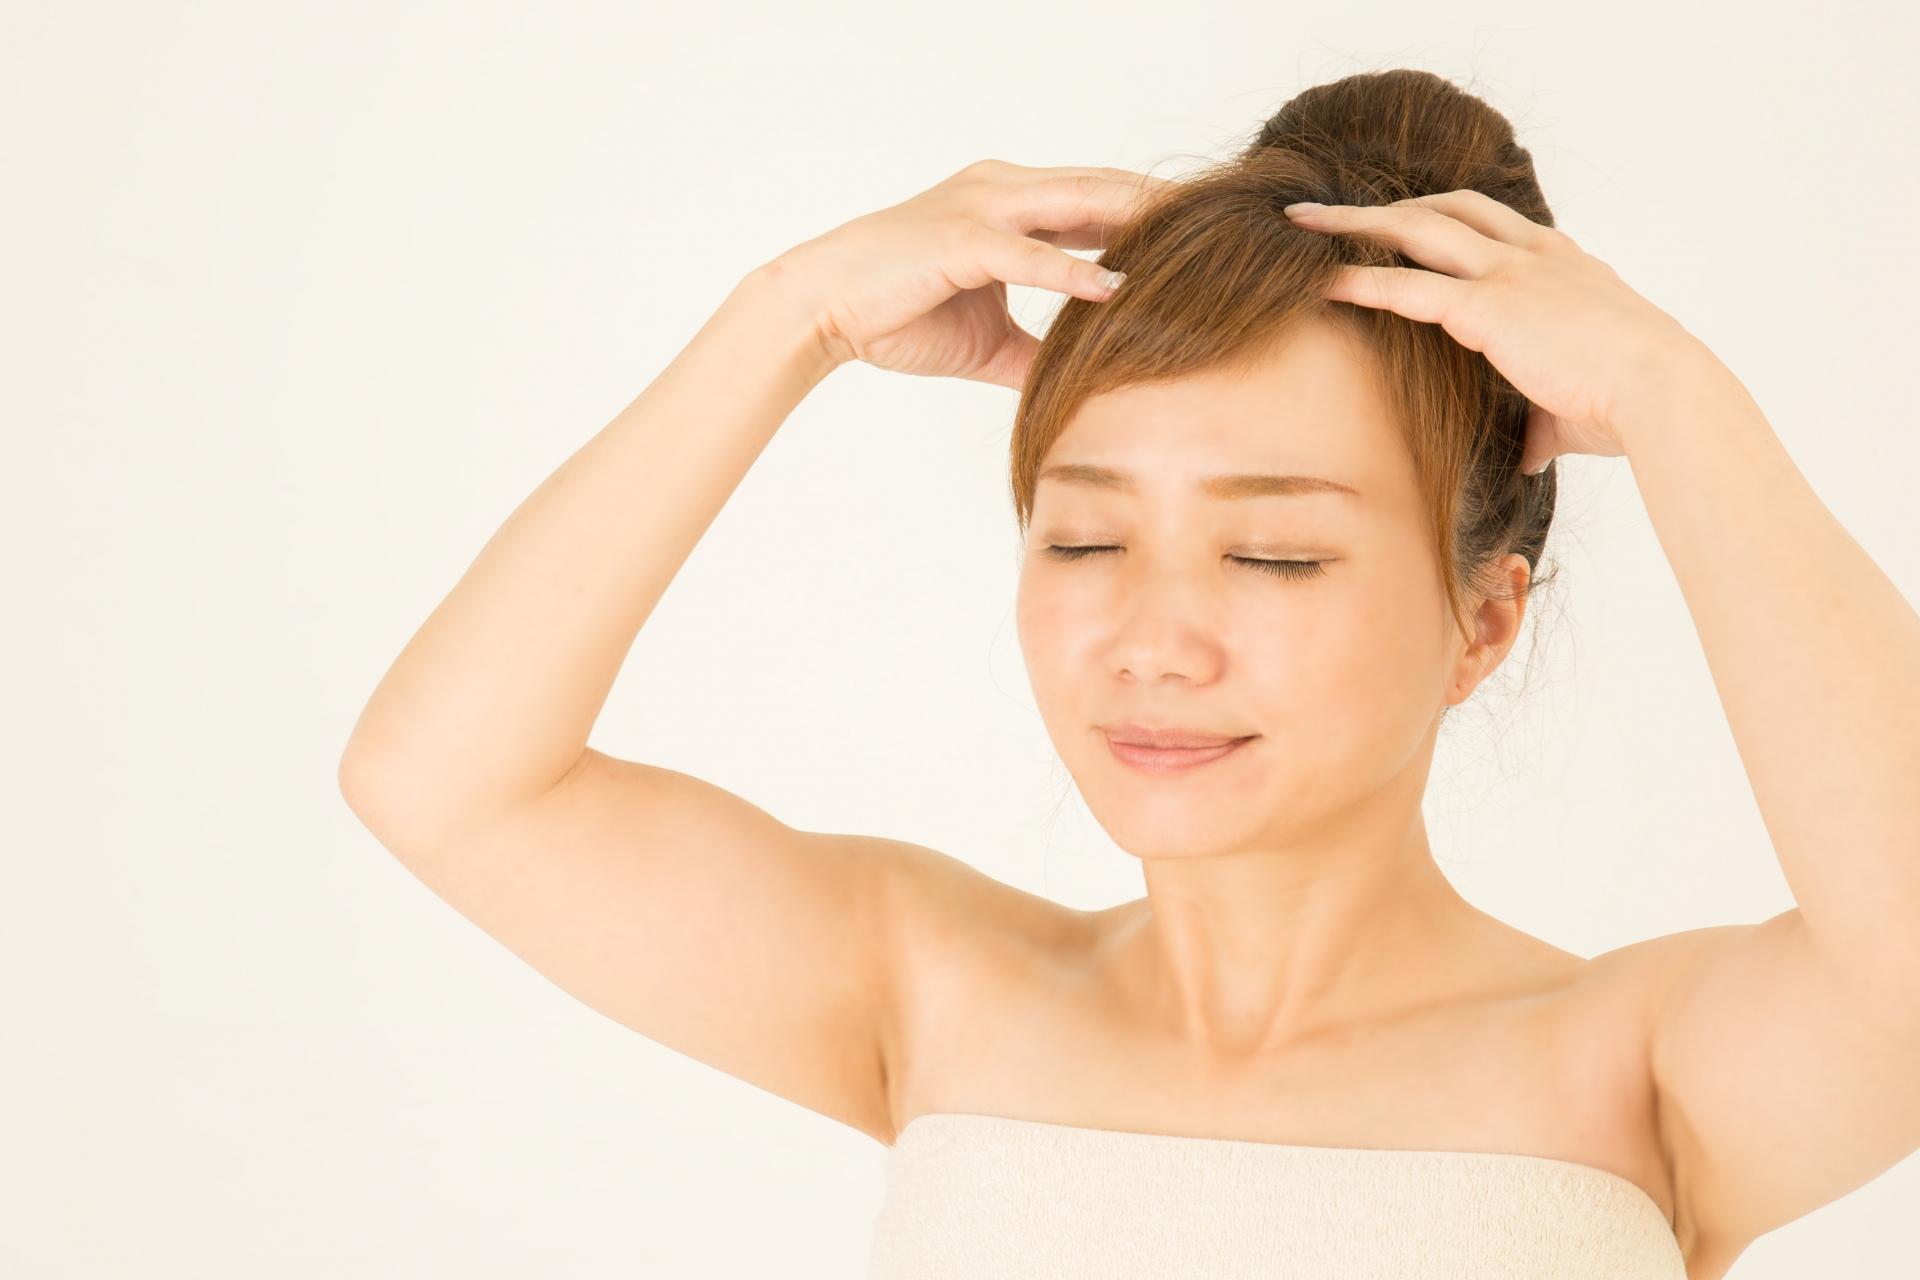 髪を育てるためには頭皮マッサージは大切